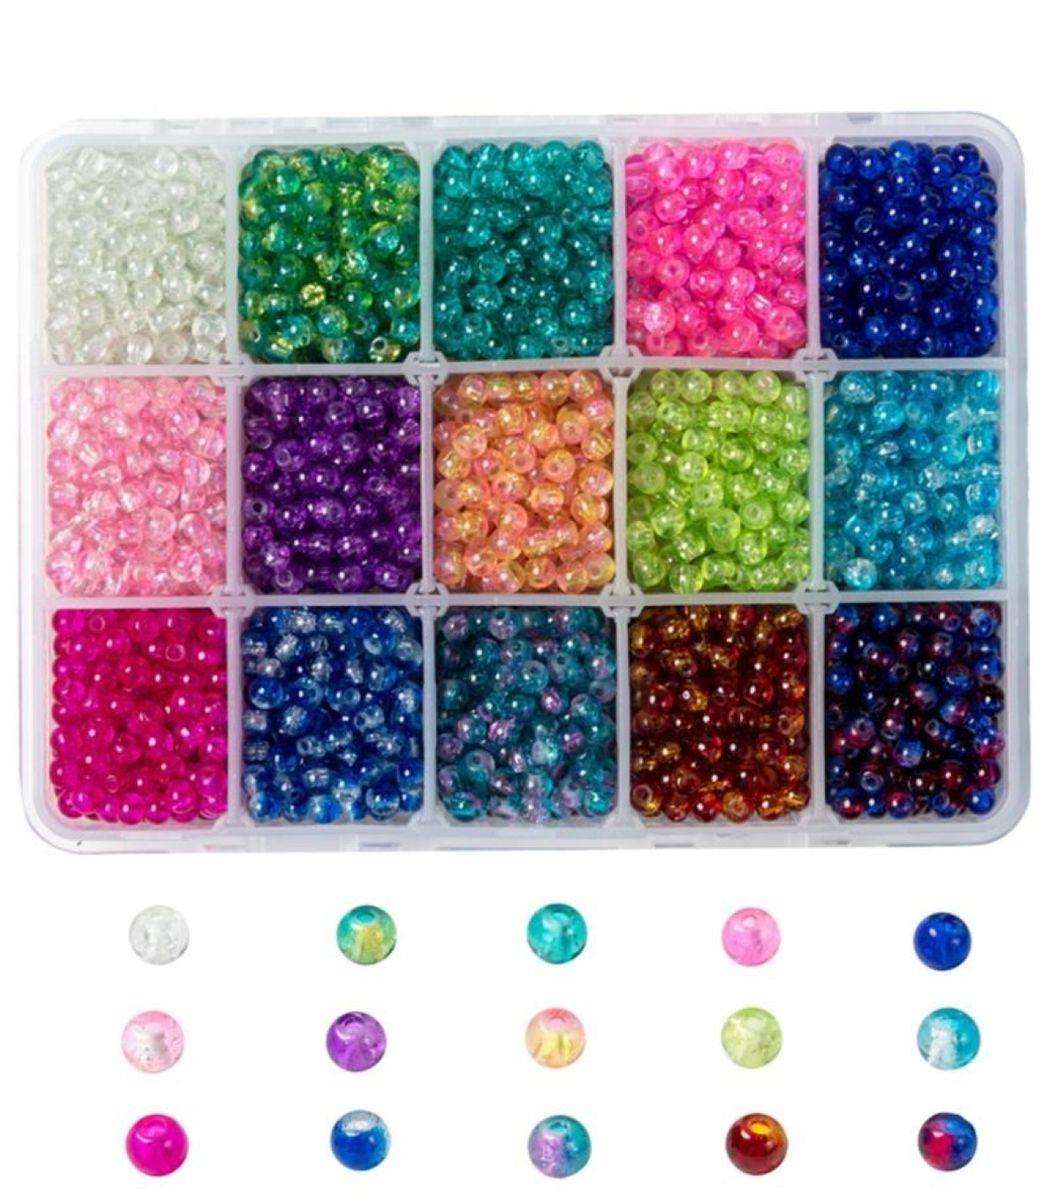 Glasperlen Crackle 8mm, 1 Box, ca. 420 Stück, 15 verschiedene Farben.